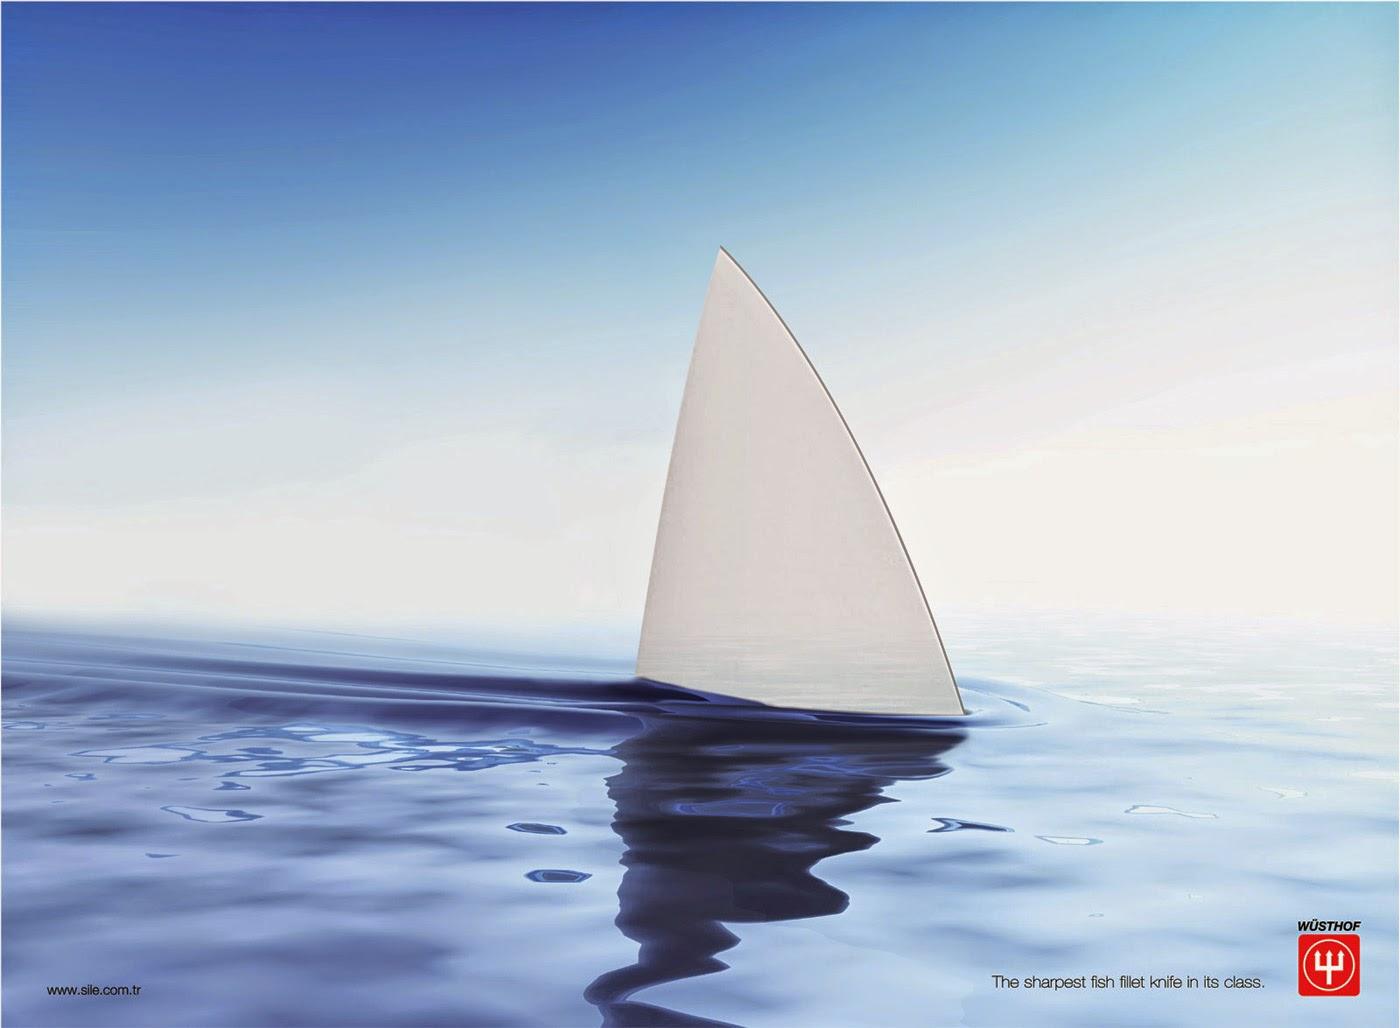 Annonce publicitaire pour les Couteaux Wusthof - aileron de requin